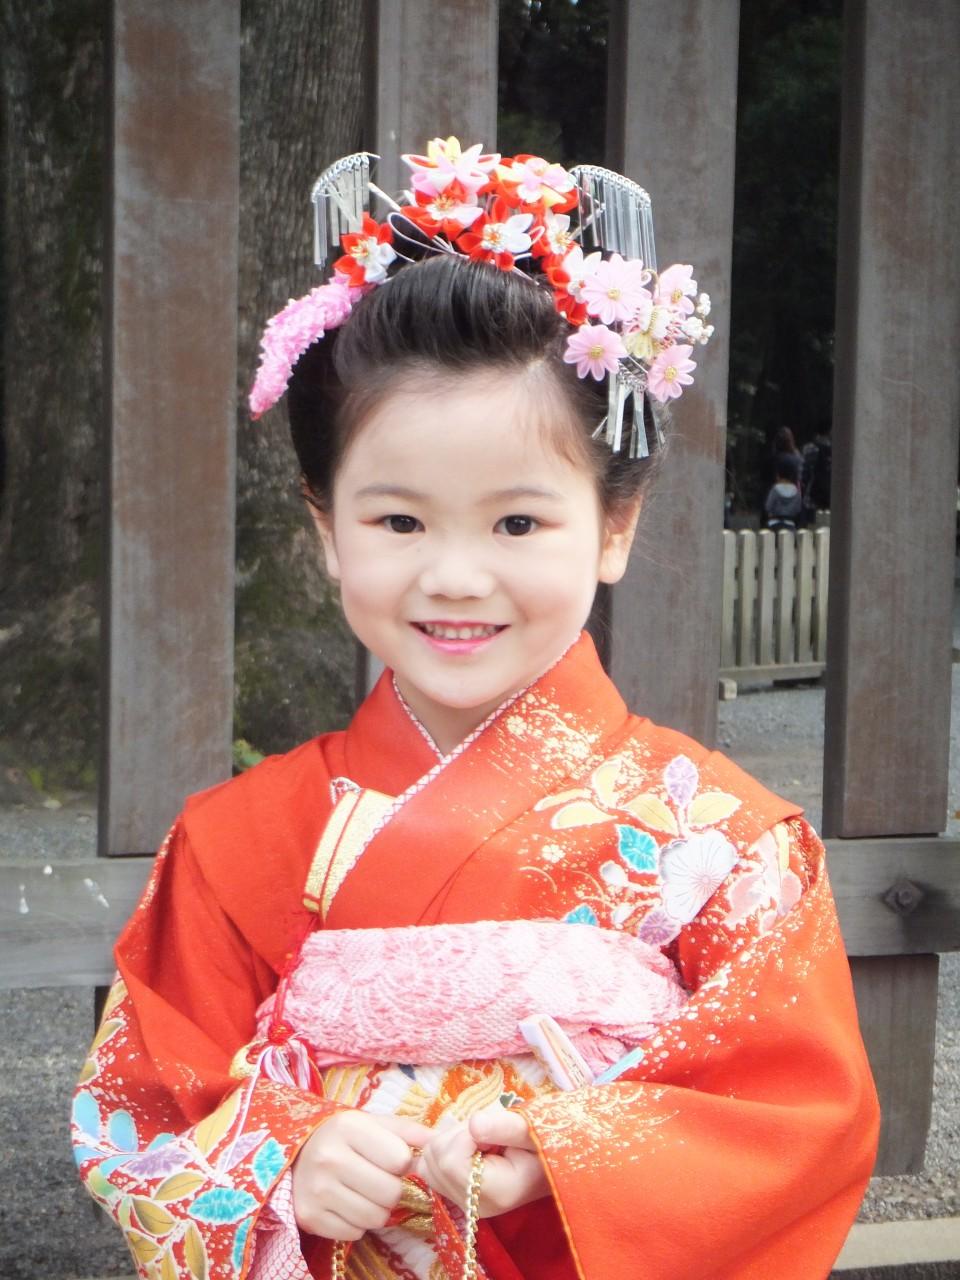 Mädchen beim traditionellen 7-5-3-Festival